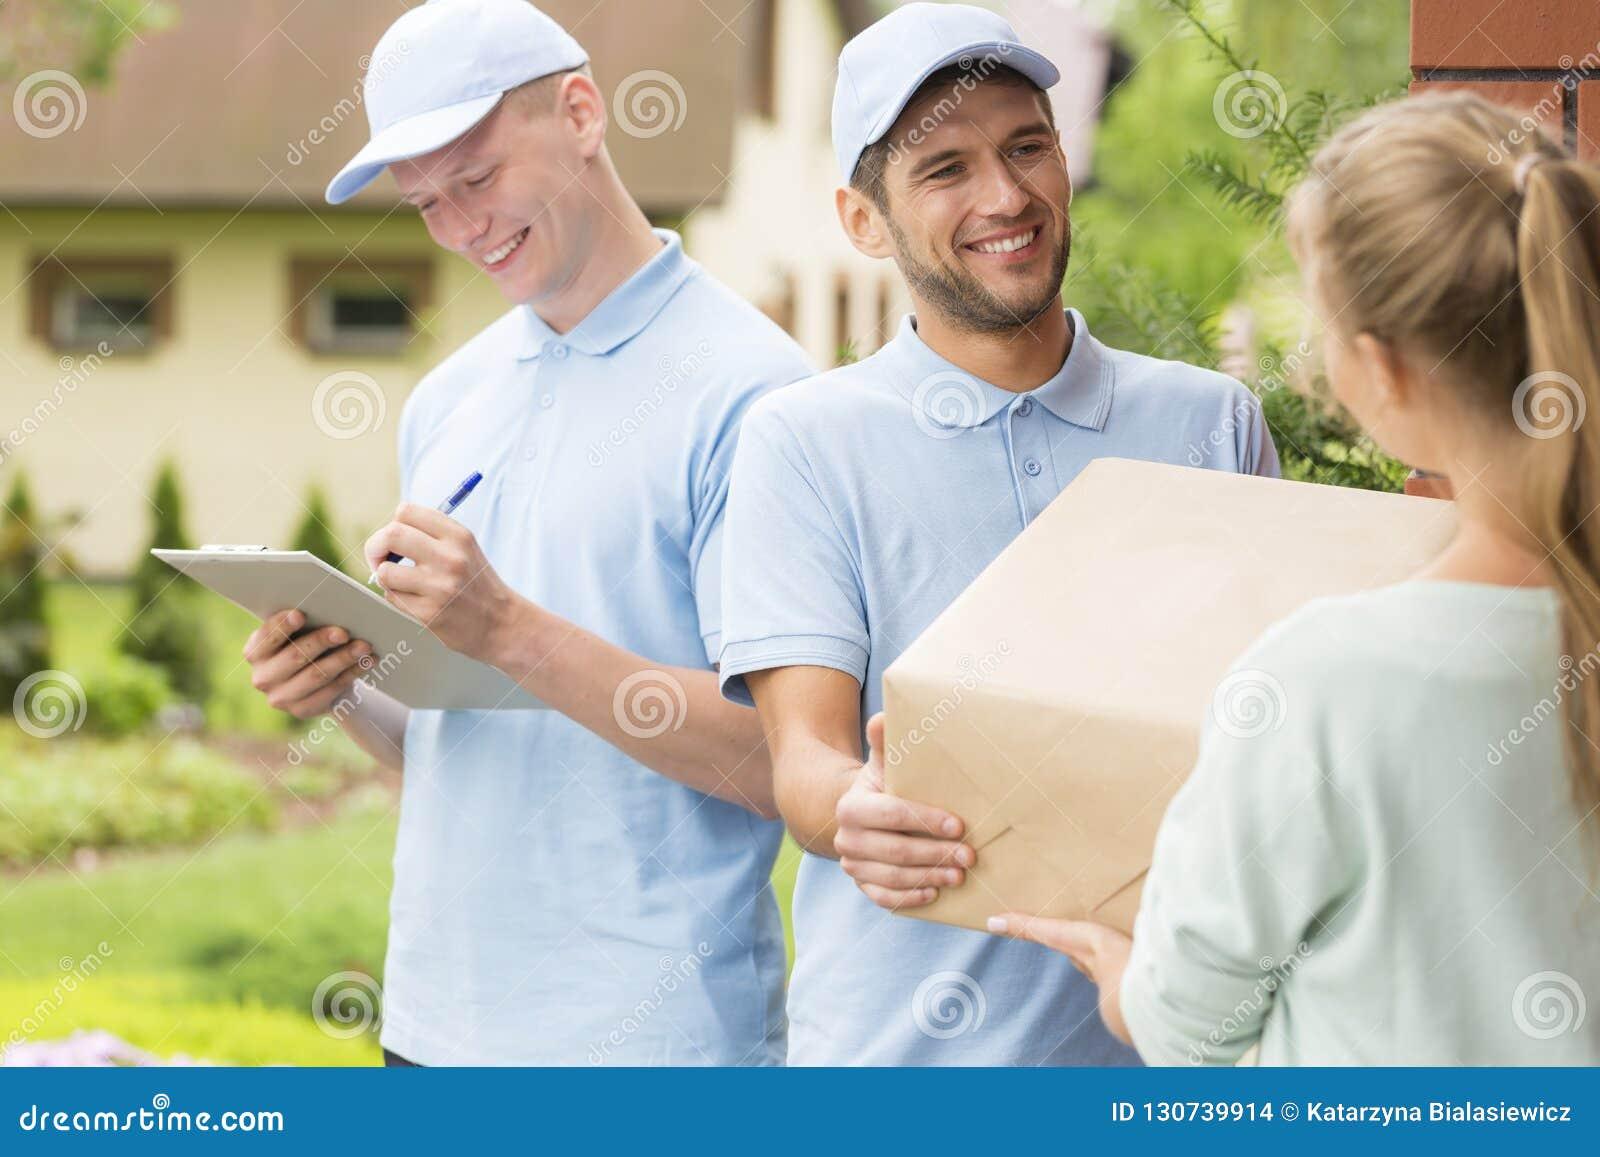 Αγγελιαφόροι στις μπλε στολές και καλύμματα που δίνουν τη συσκευασία σε έναν πελάτη